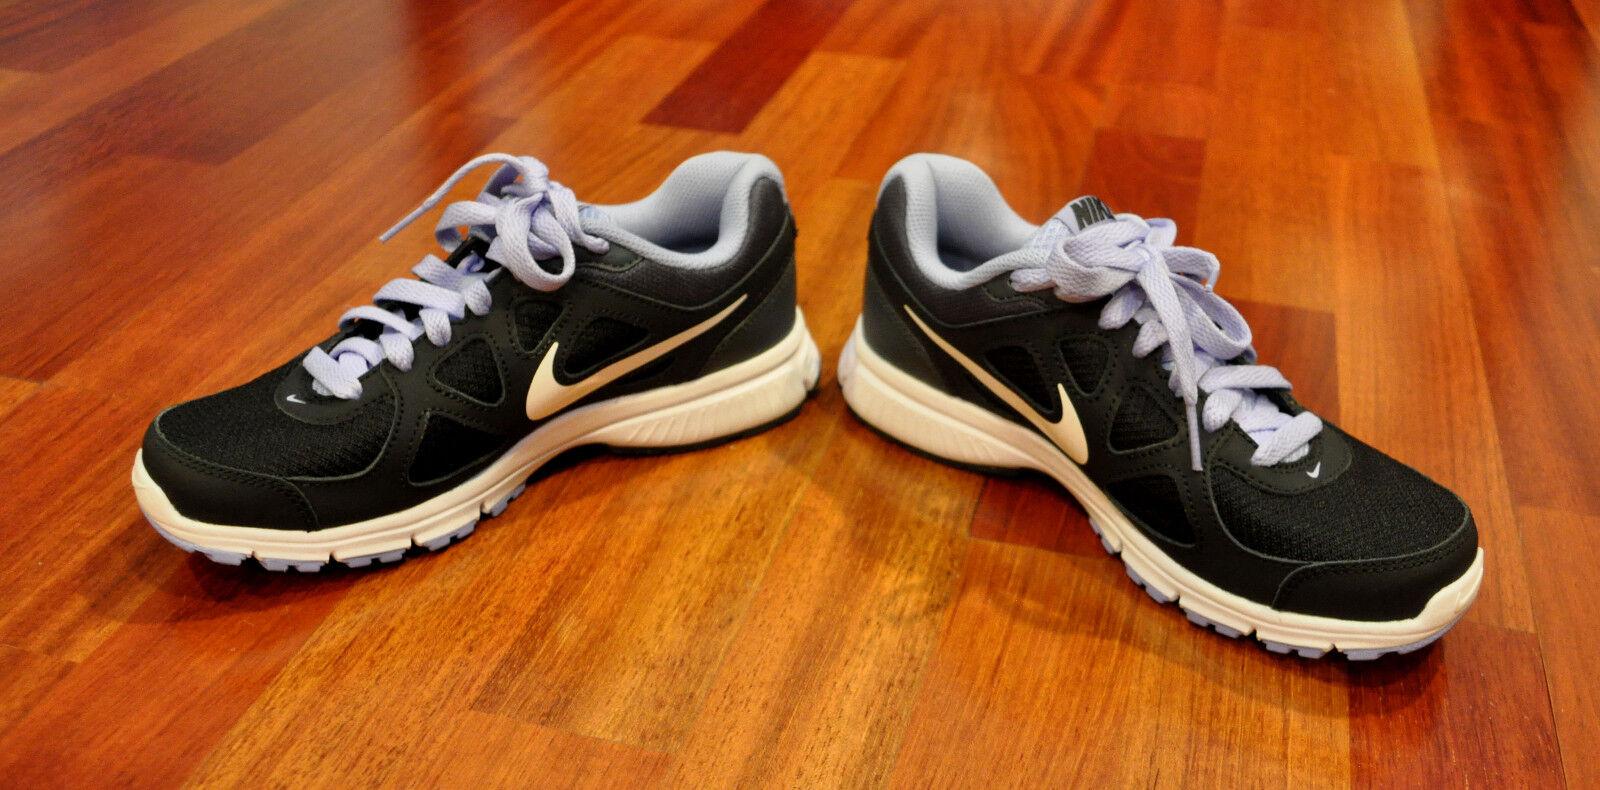 le scarpe scarpe scarpe nike rivoluzione misura 5,5 viola nero 488148-001 atletico   Della Qualità    Delicato    Uomo/Donne Scarpa    Scolaro/Ragazze Scarpa    Scolaro/Ragazze Scarpa  05c0f0